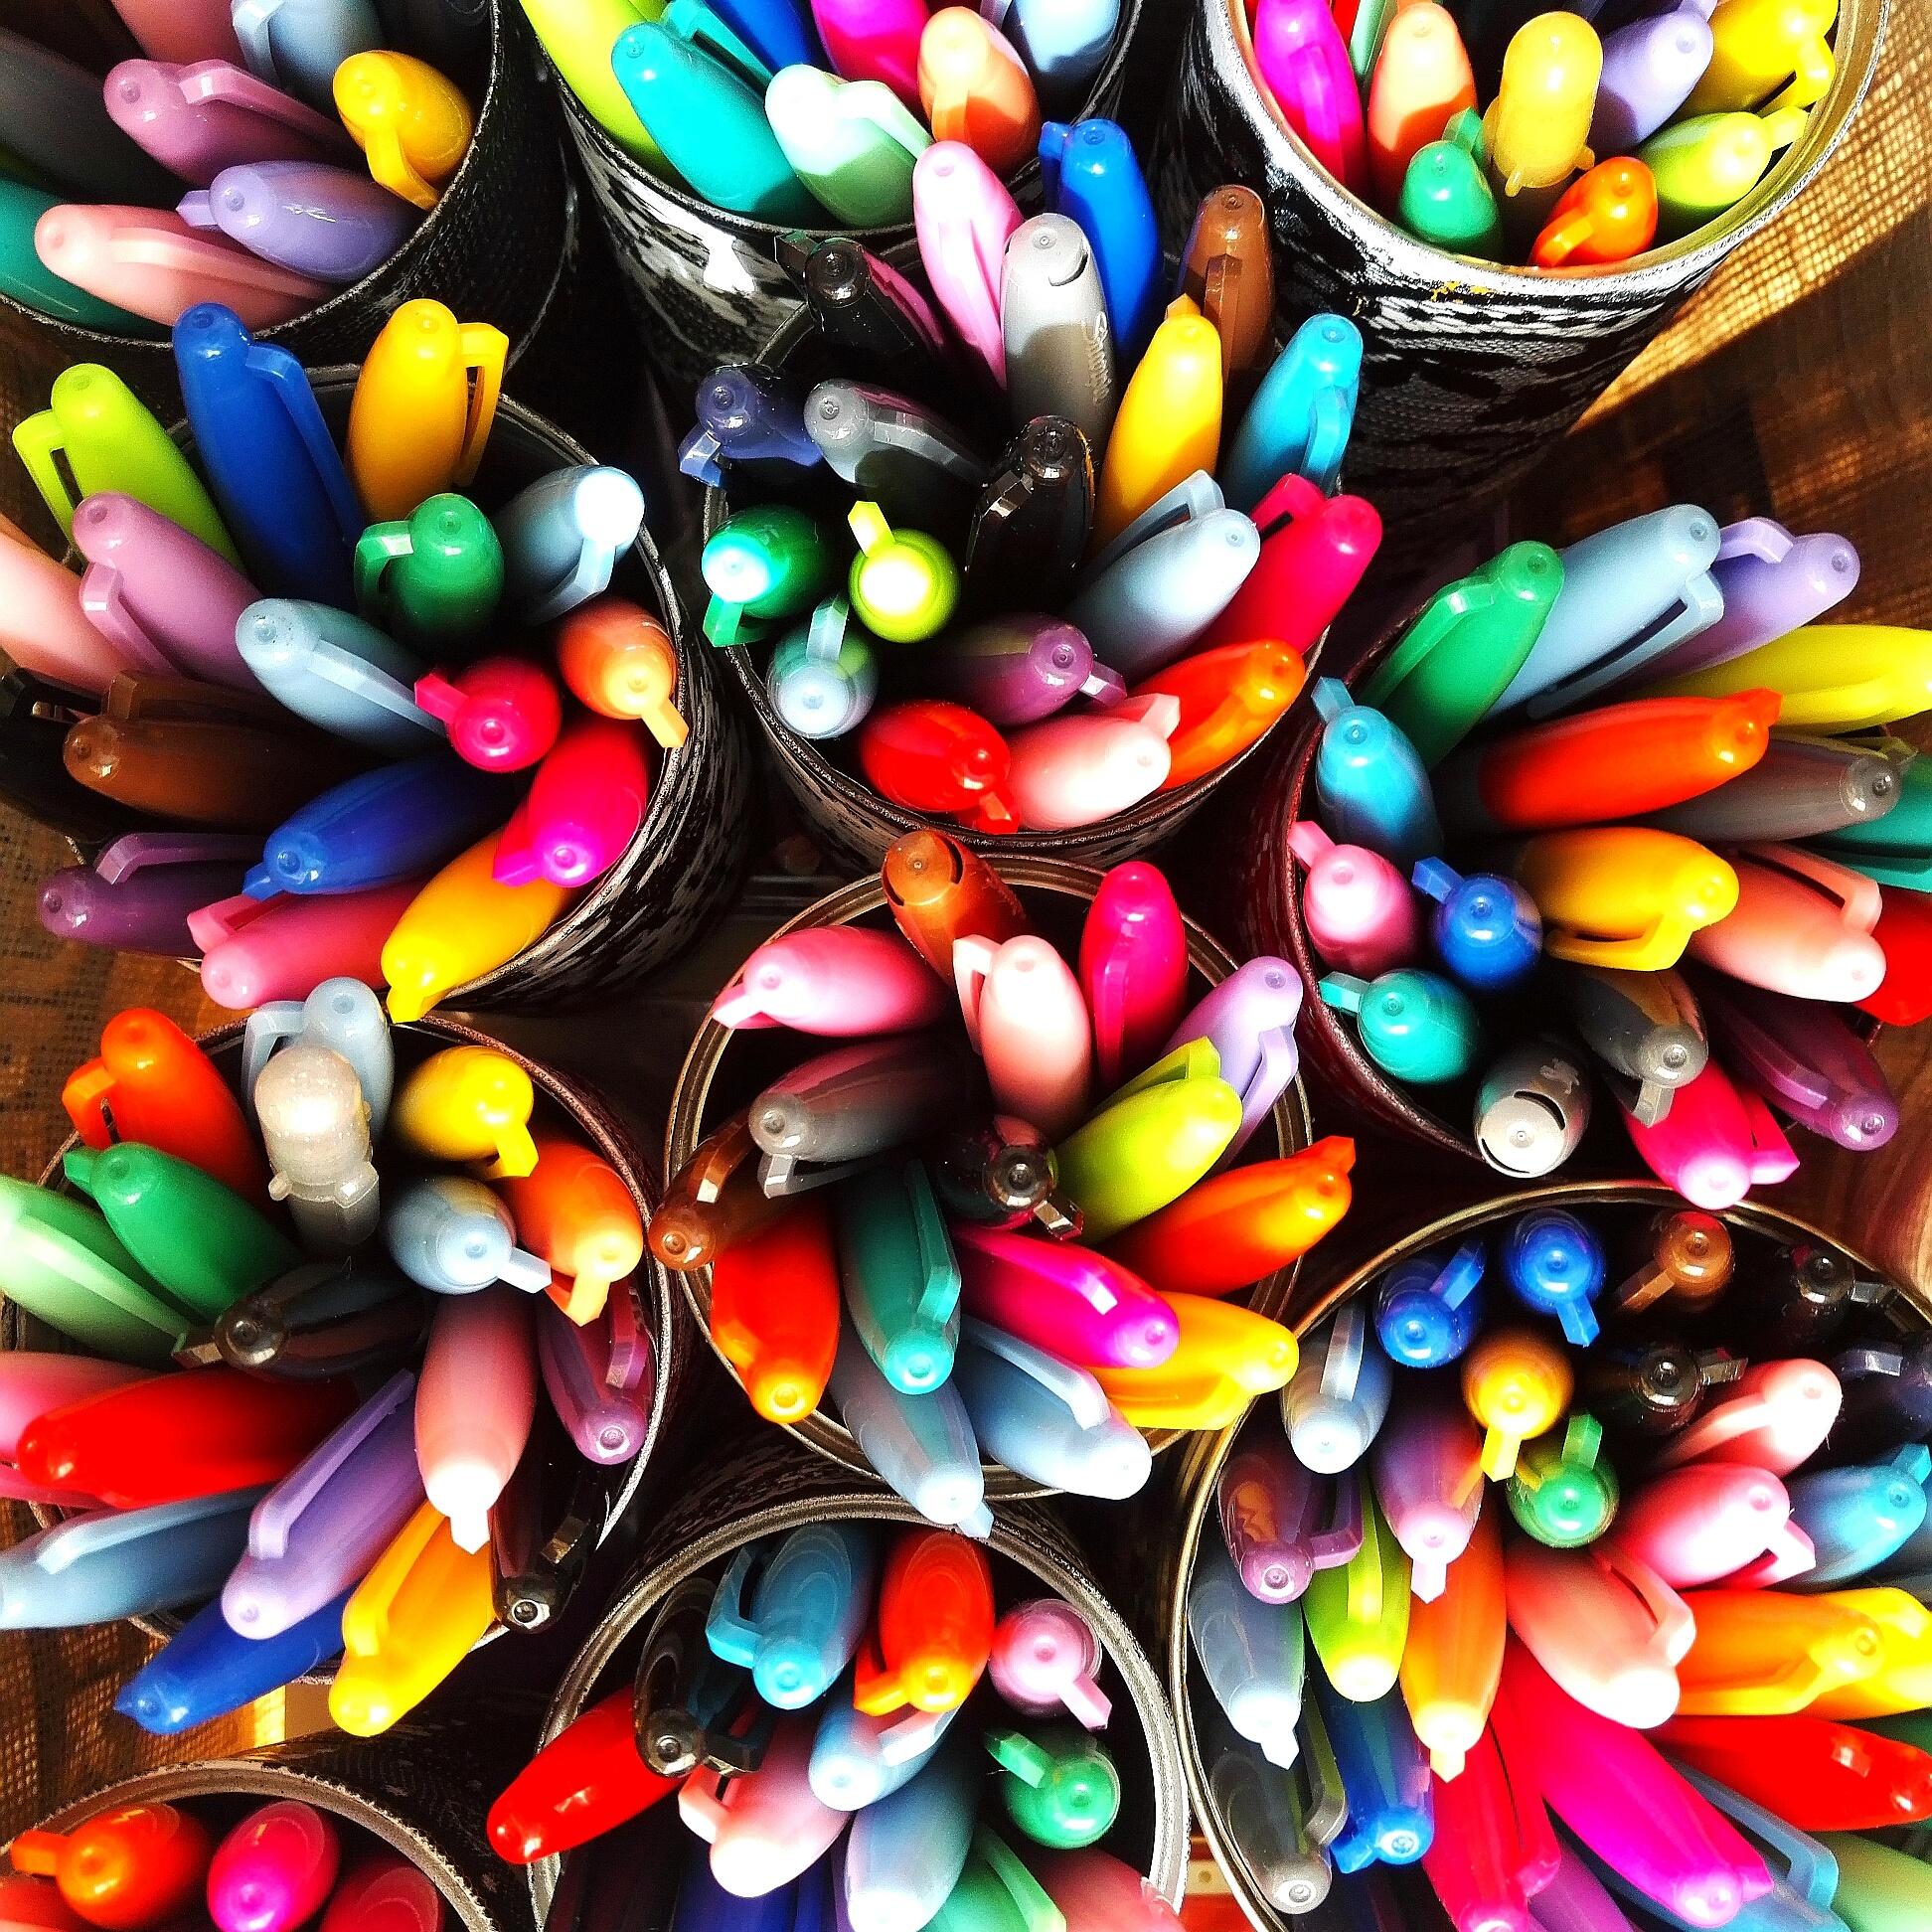 Mindfullness väritys luennon lomassa edistää oppimista